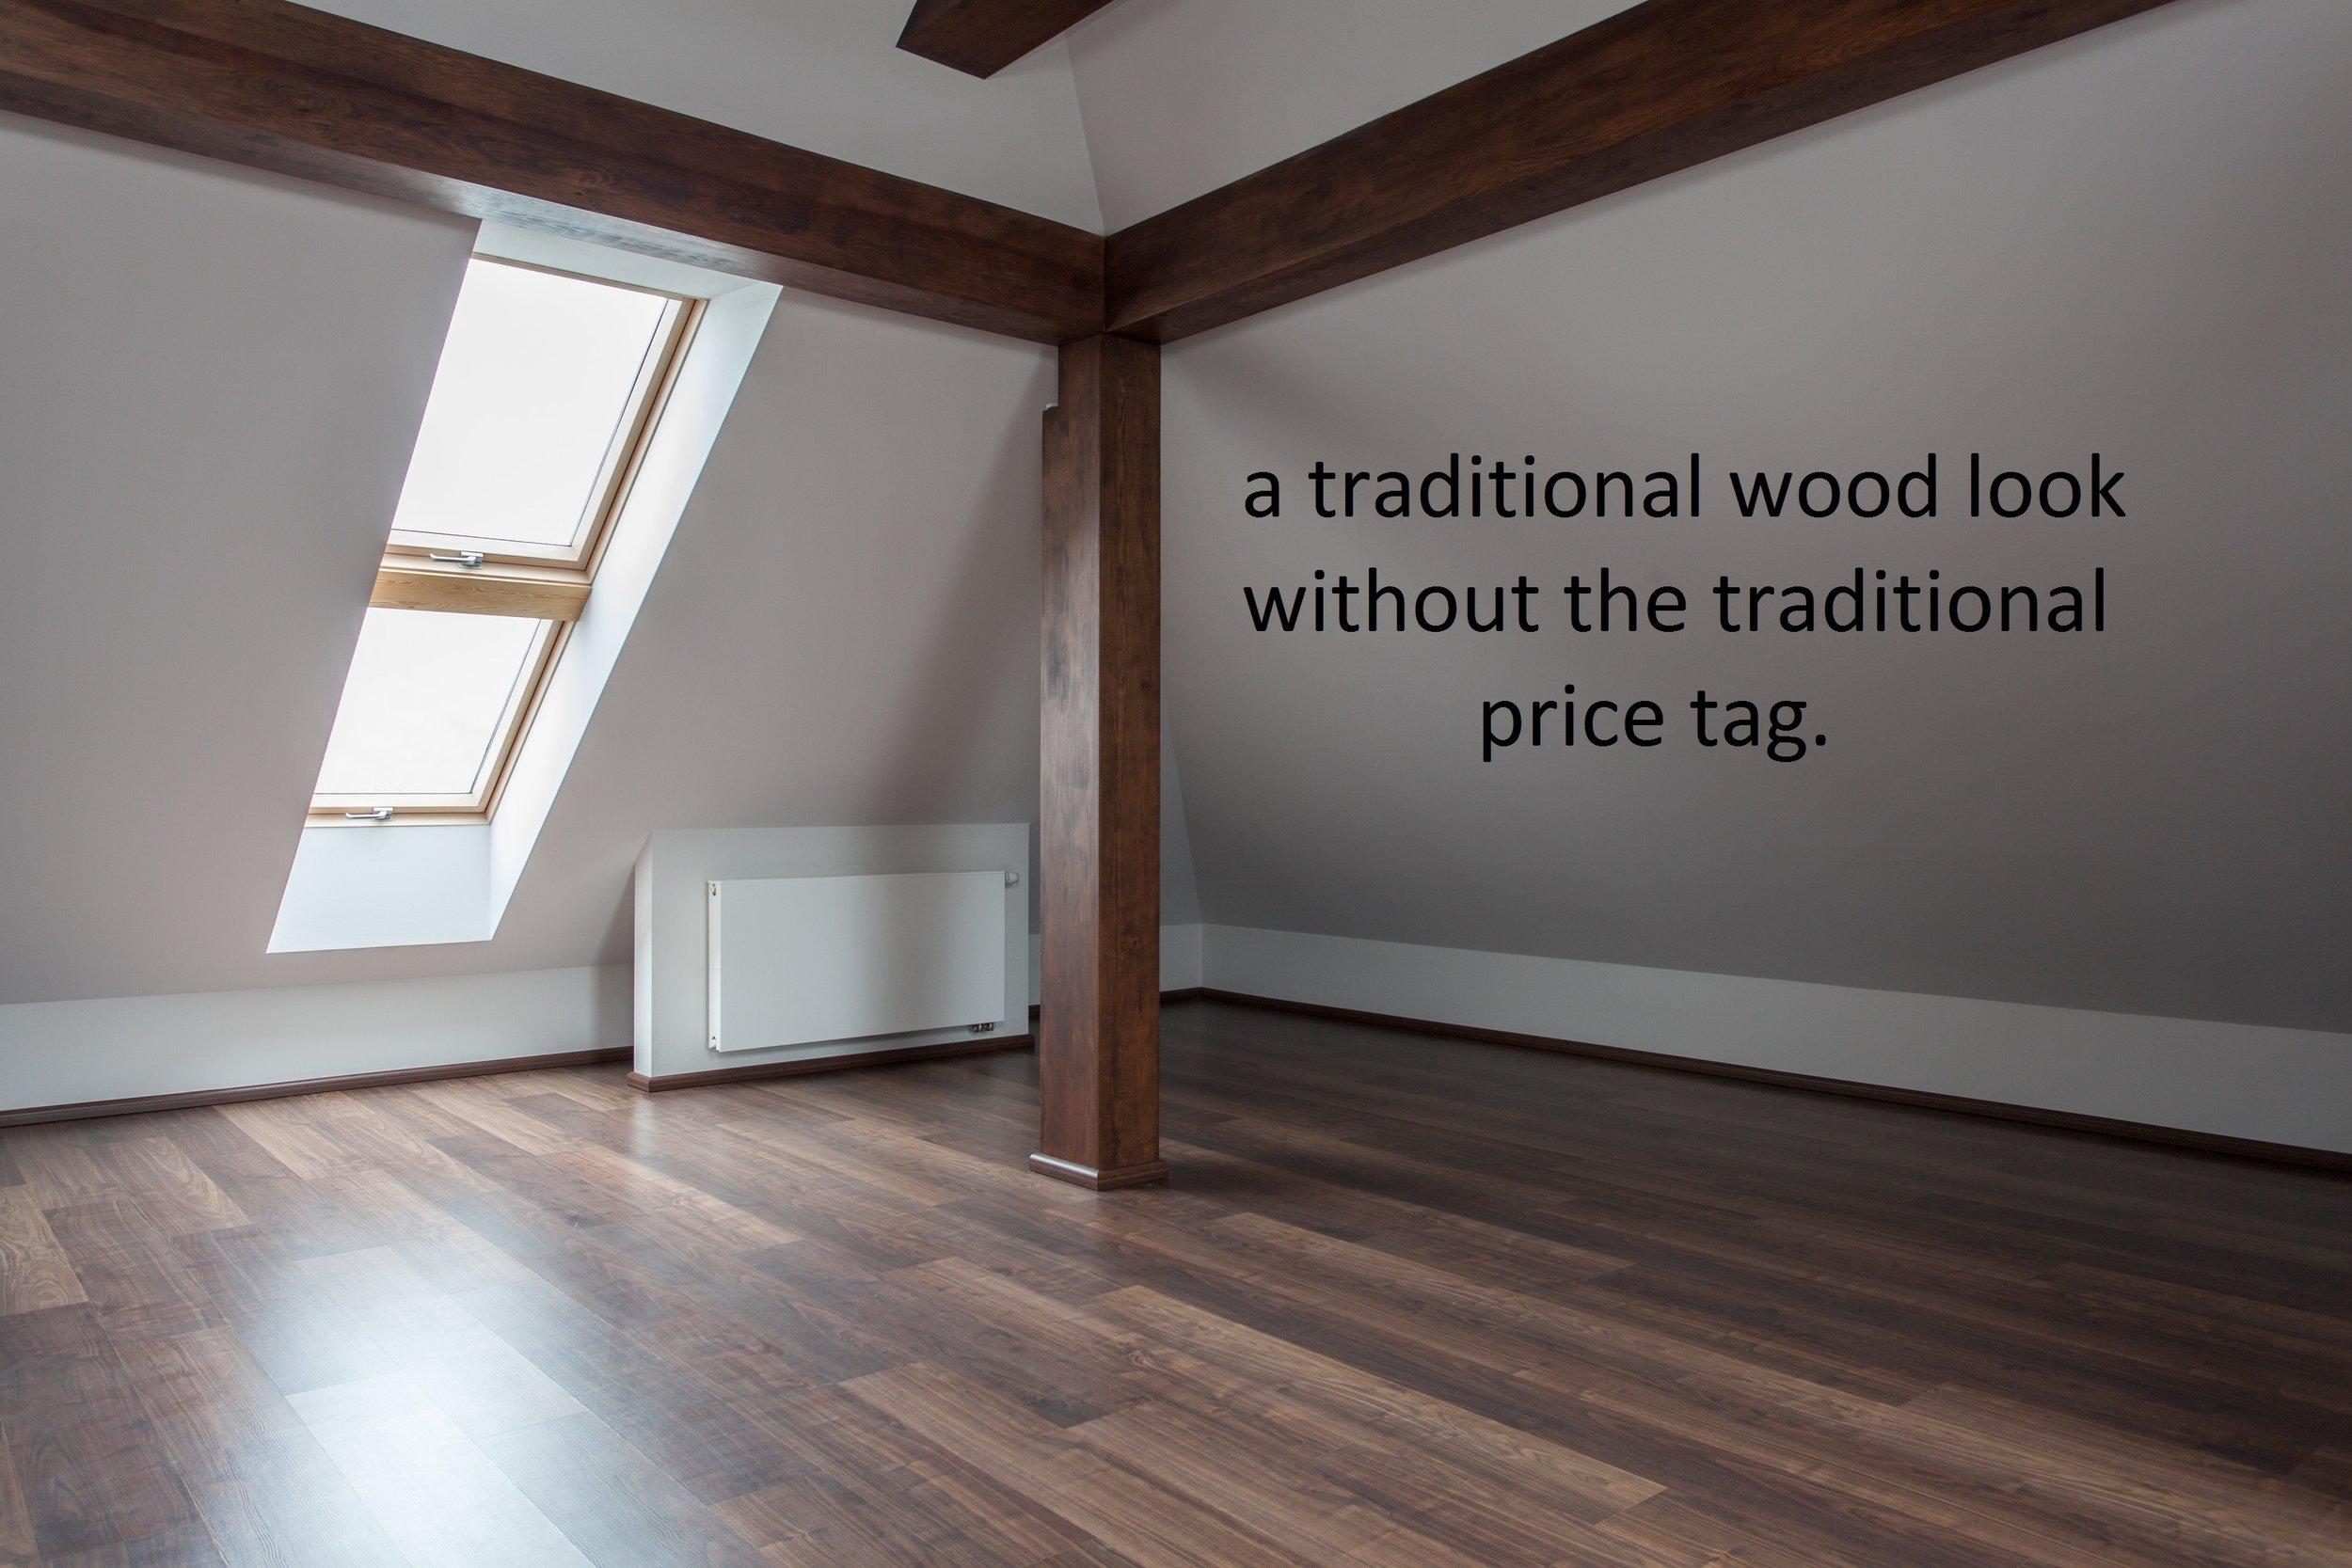 wood look vinyl attic space.jpg